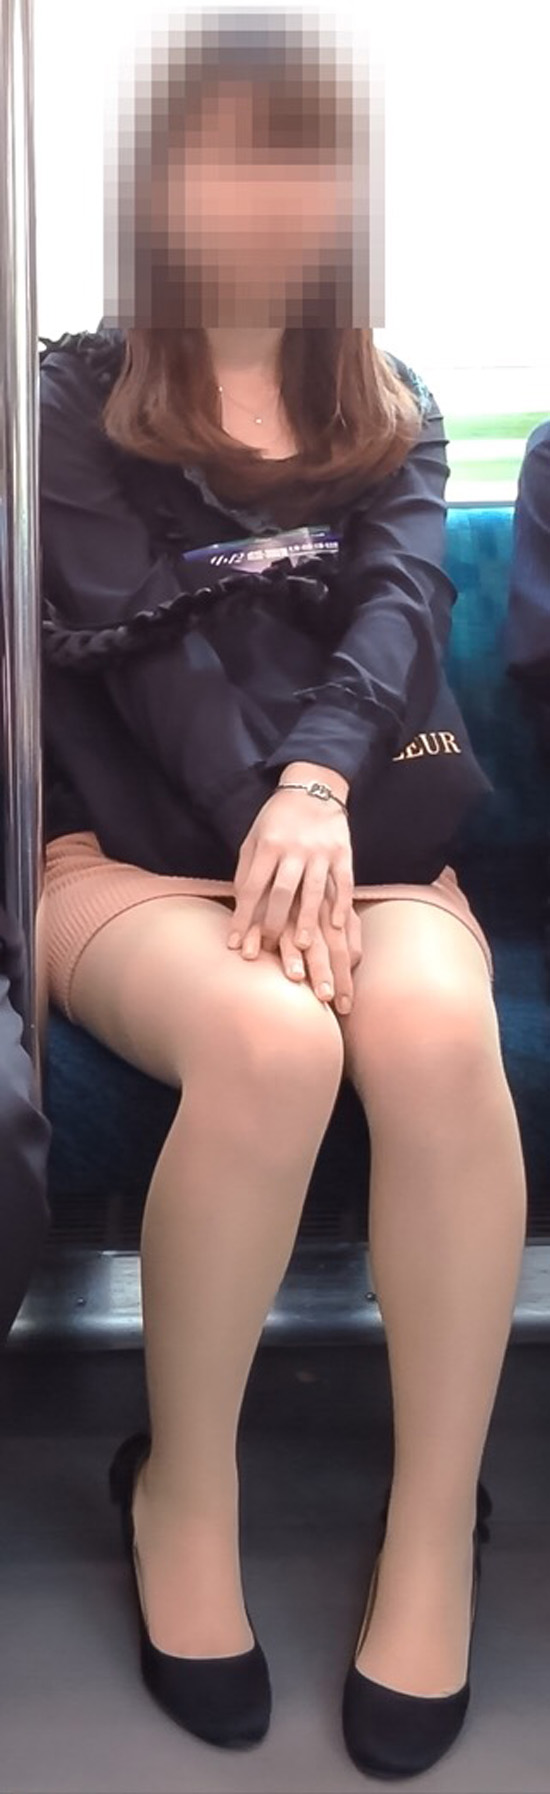 【美脚エロ画像】組むと余計にムッチリ際立つwパンツ度外視で電車内の太ももwww 18